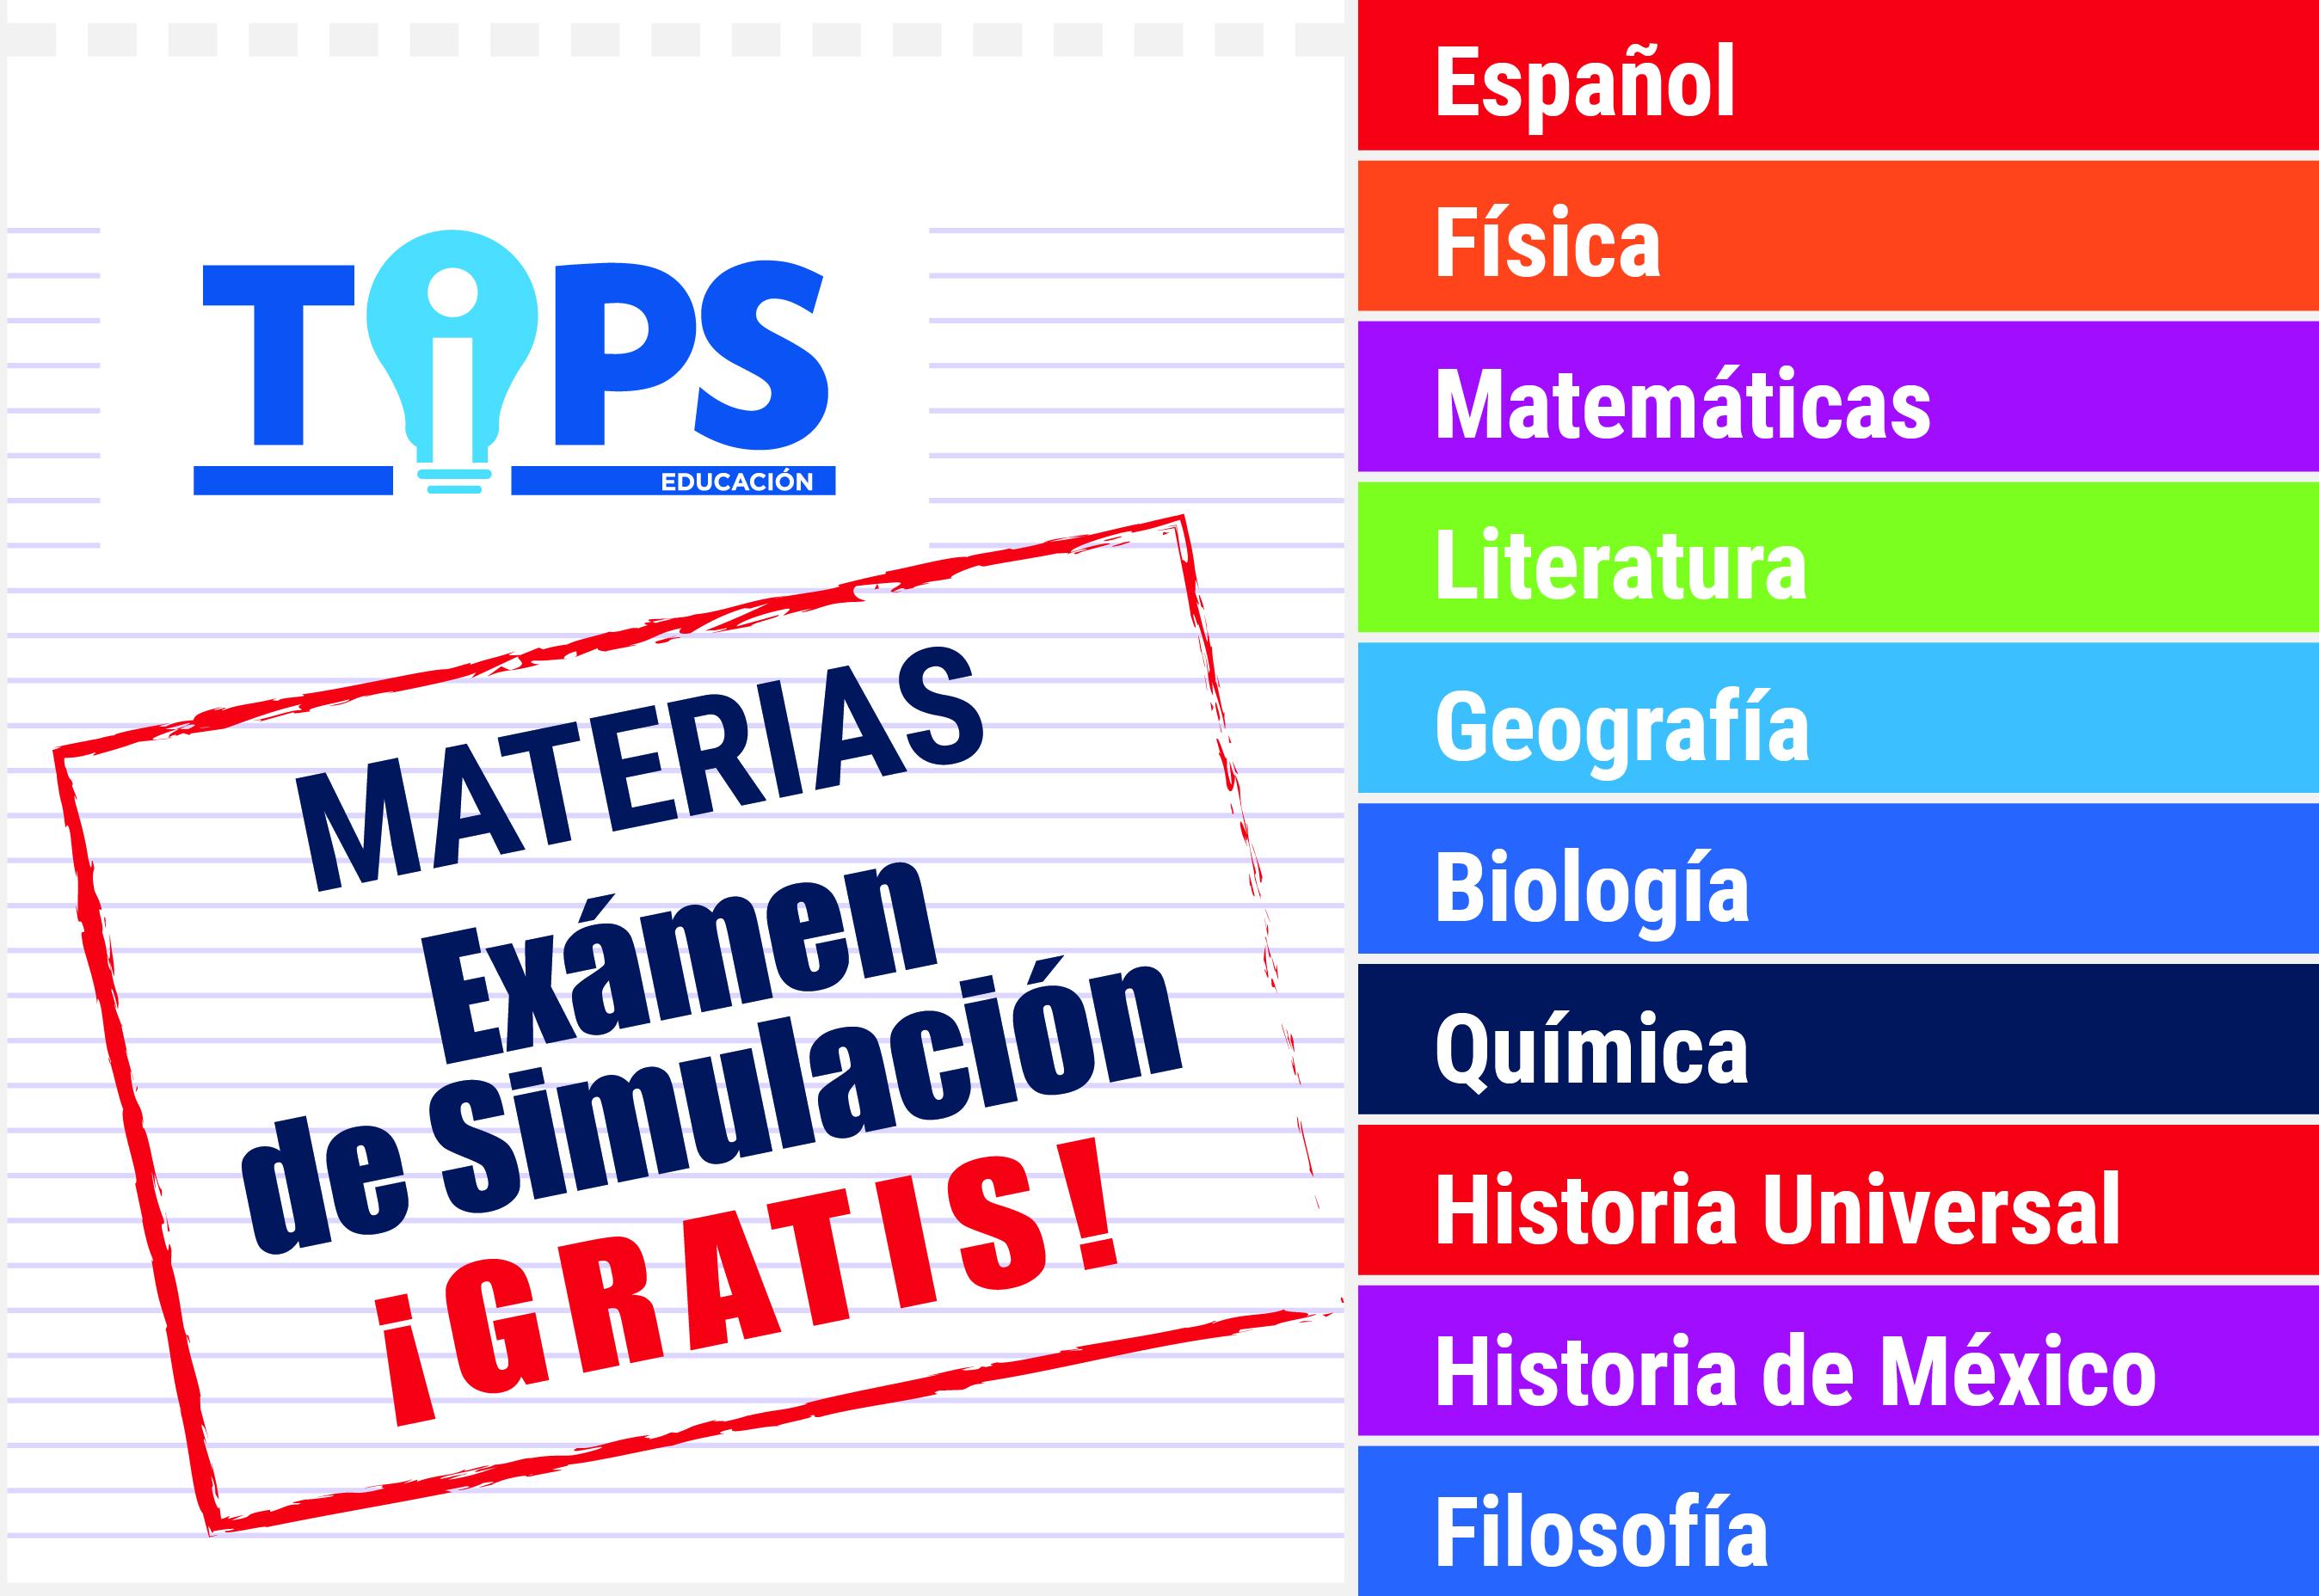 Materias-Examen-Simulacion-Ingreso-UNAM-01